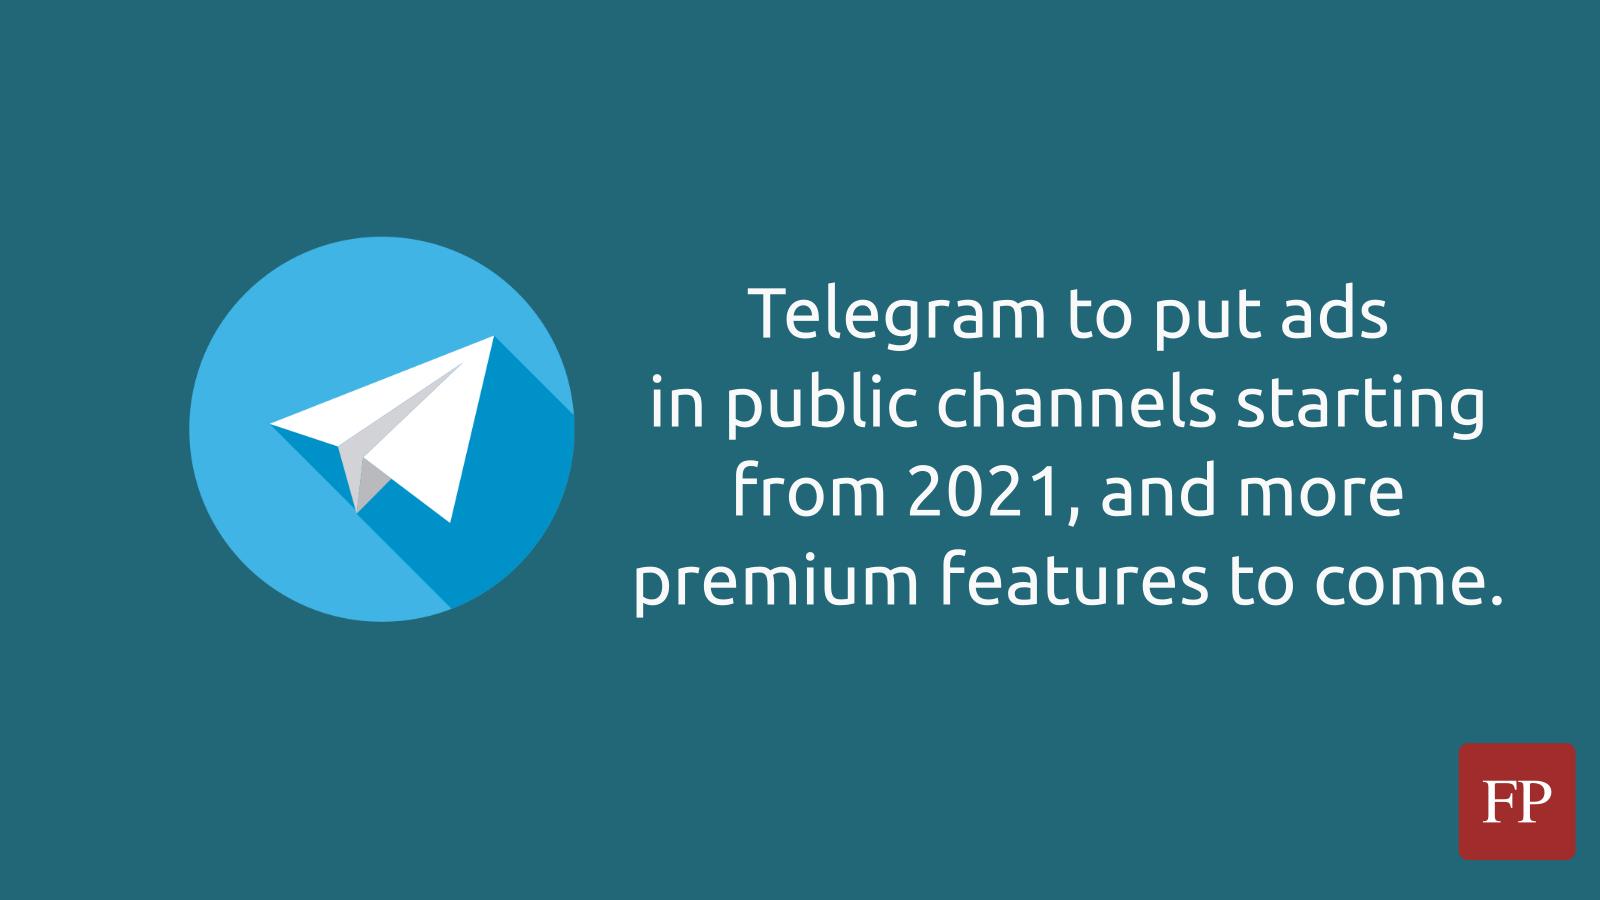 Telegram 3 December 23, 2020